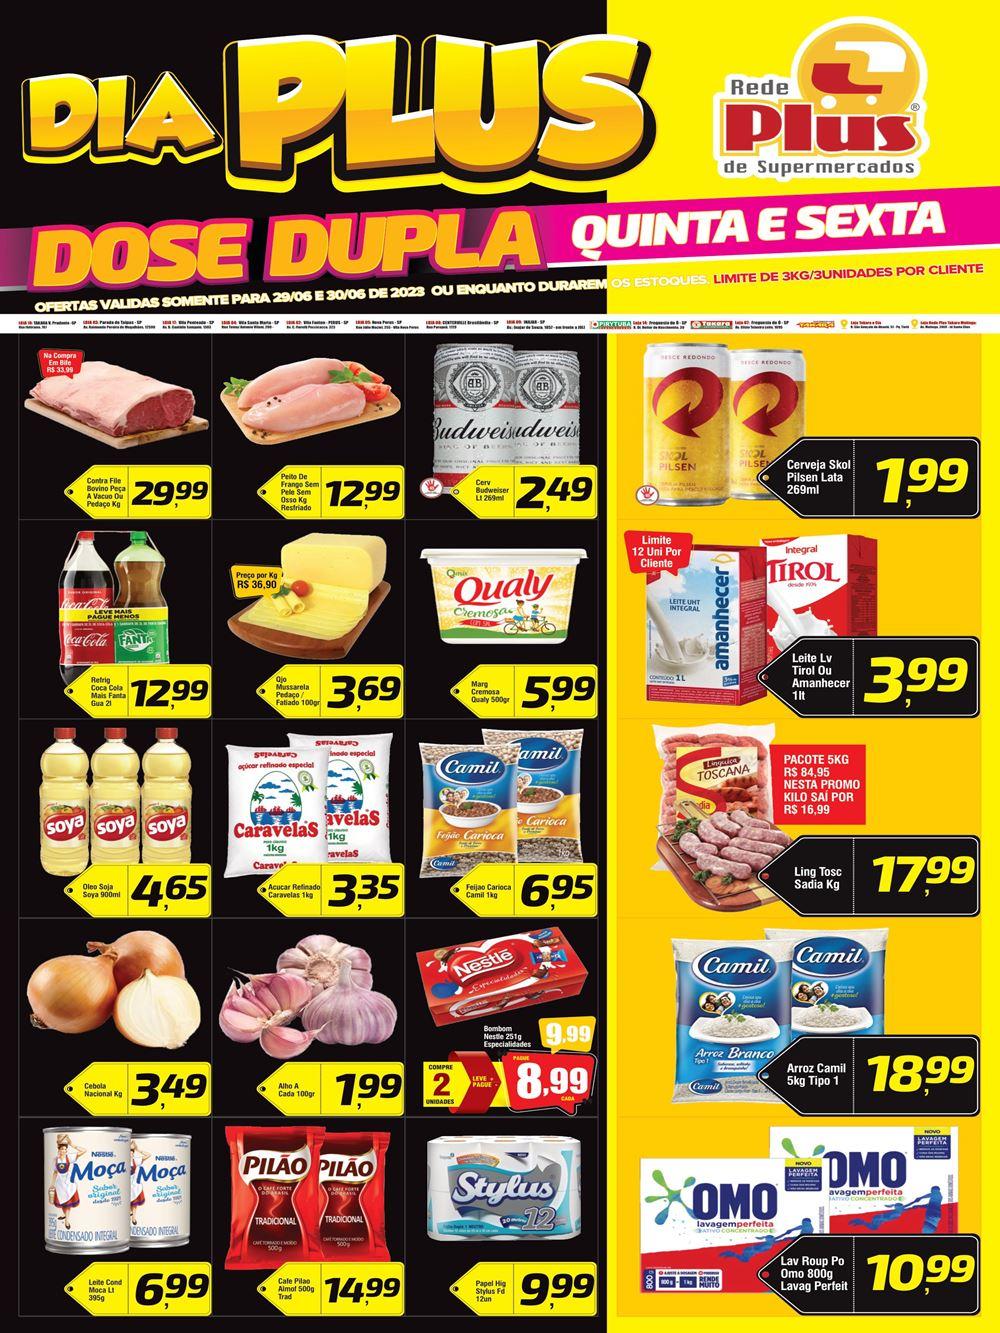 redeplustakara-ofertas-descontos-hoje1-47 Ofertas de supermercados